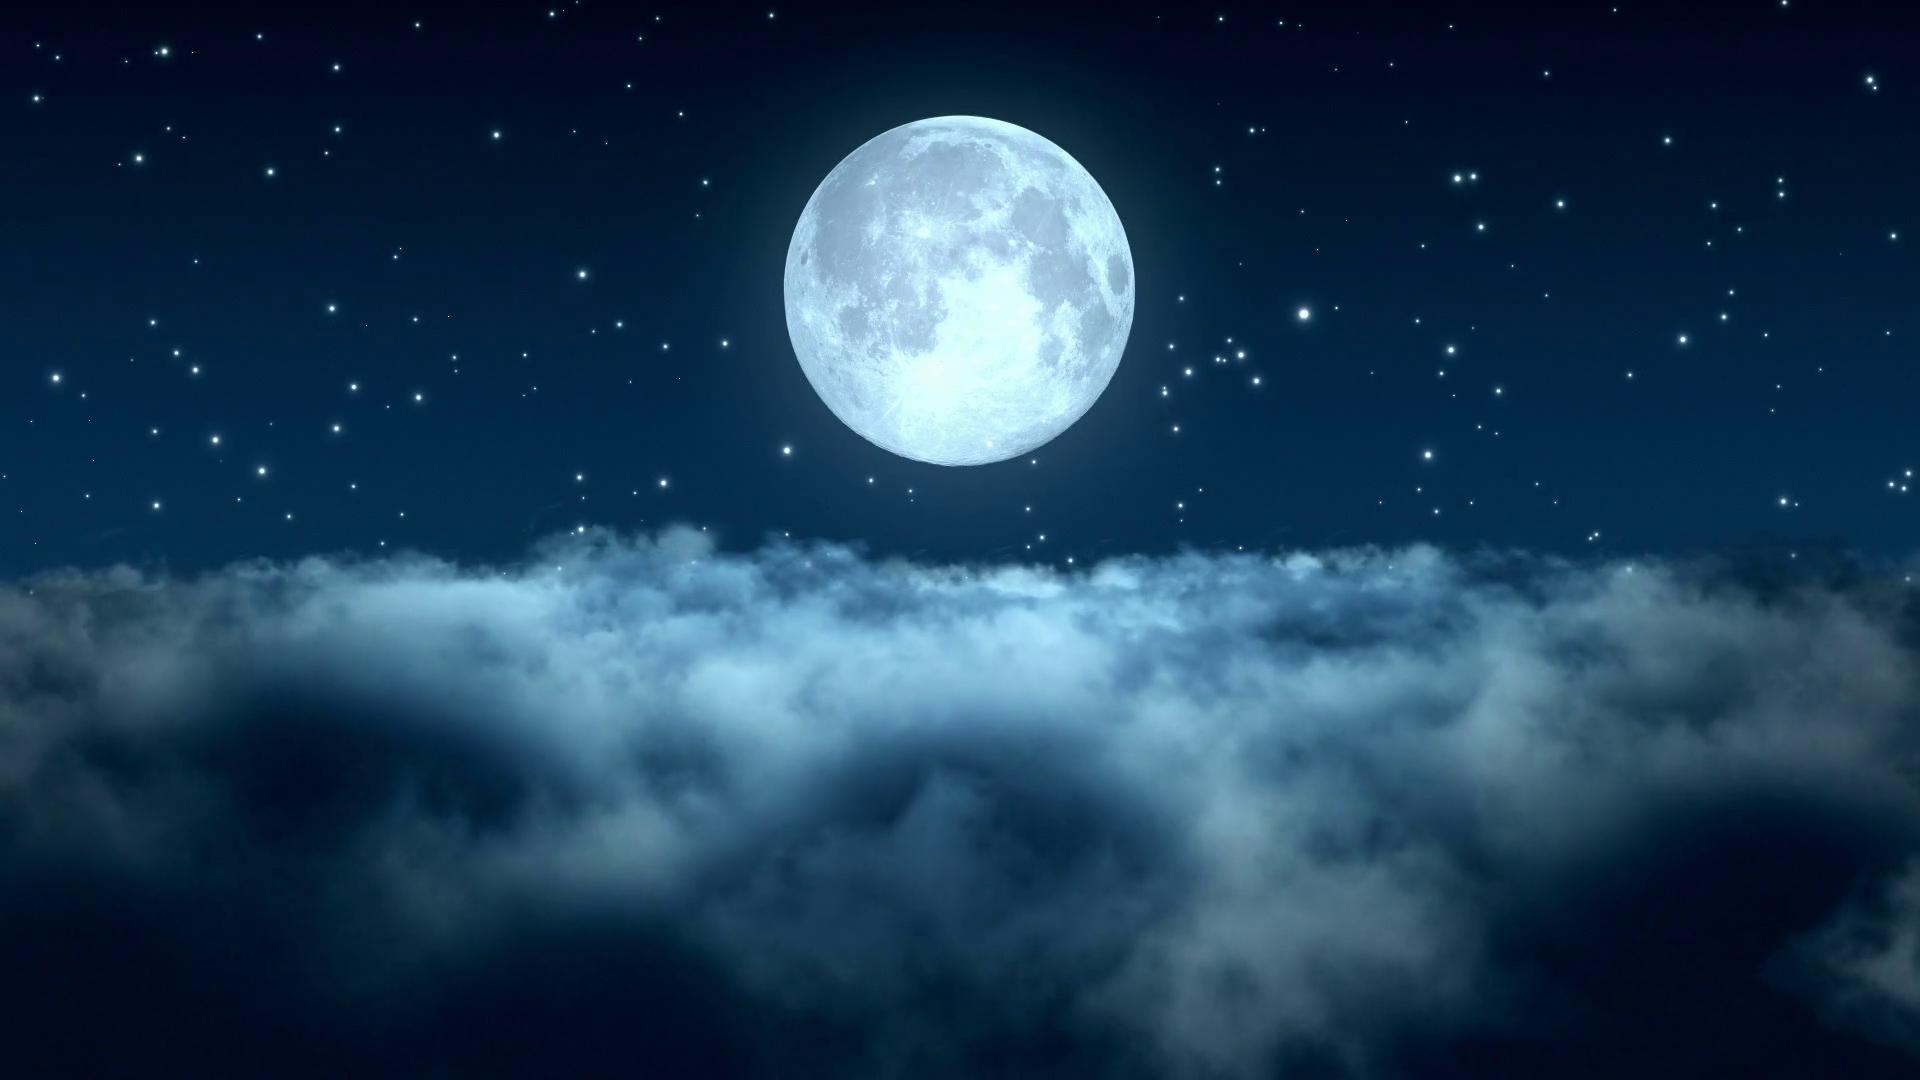 بالصور صور عن القمر , خلفيات جميله جدا عن سحر السماء 3150 1